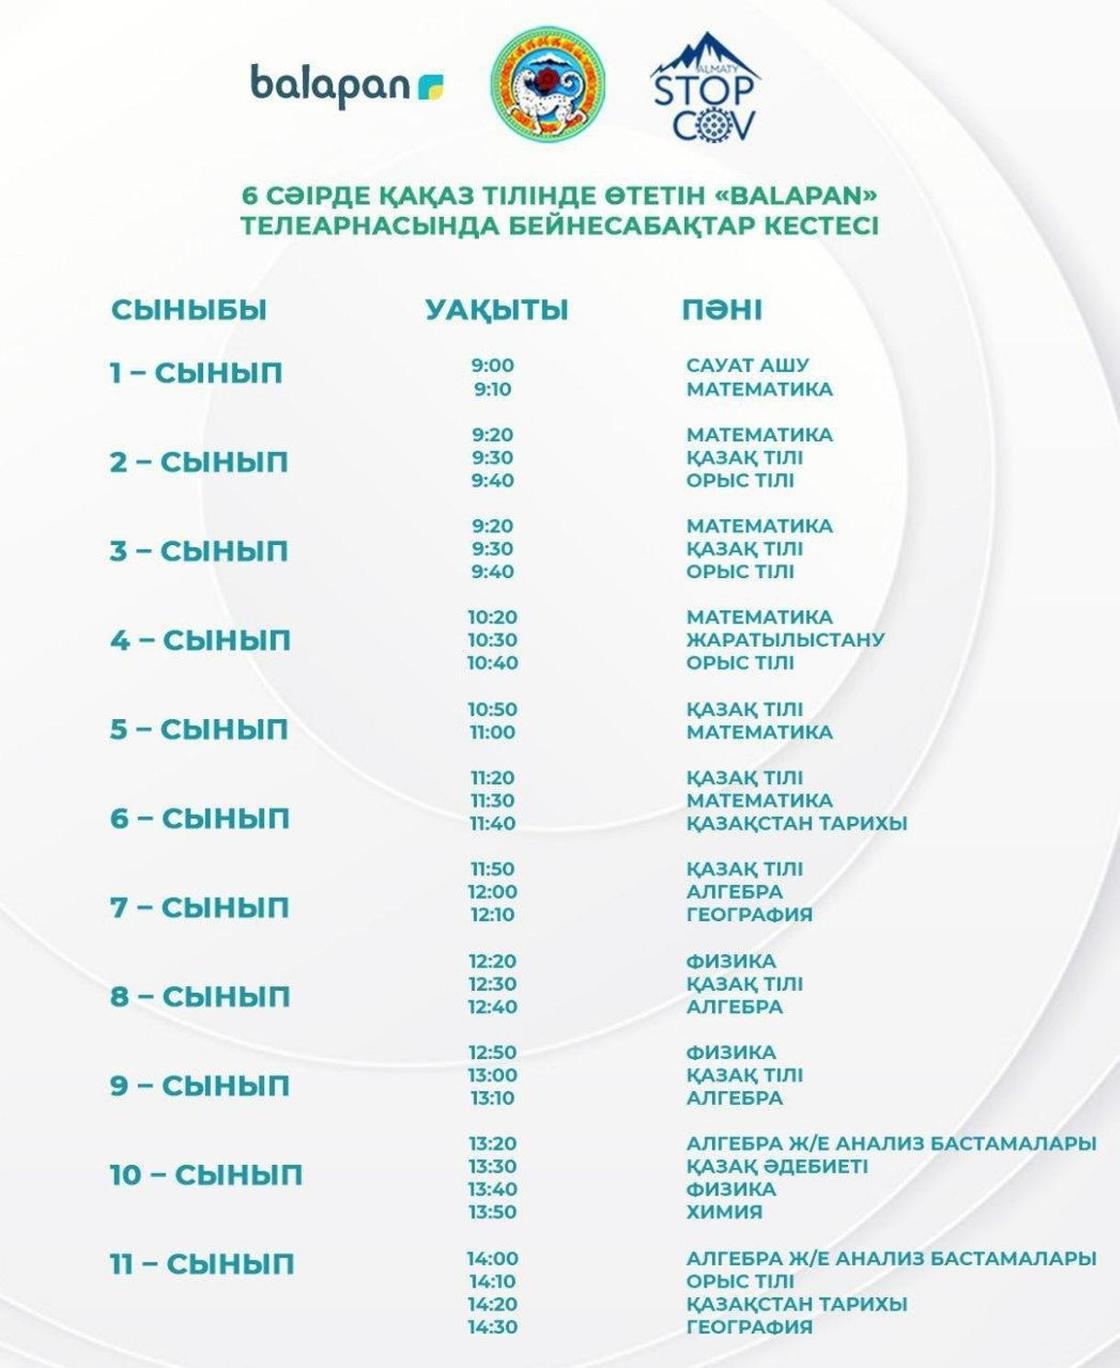 Стало известно расписание телеуроков для школьников на 6 апреля